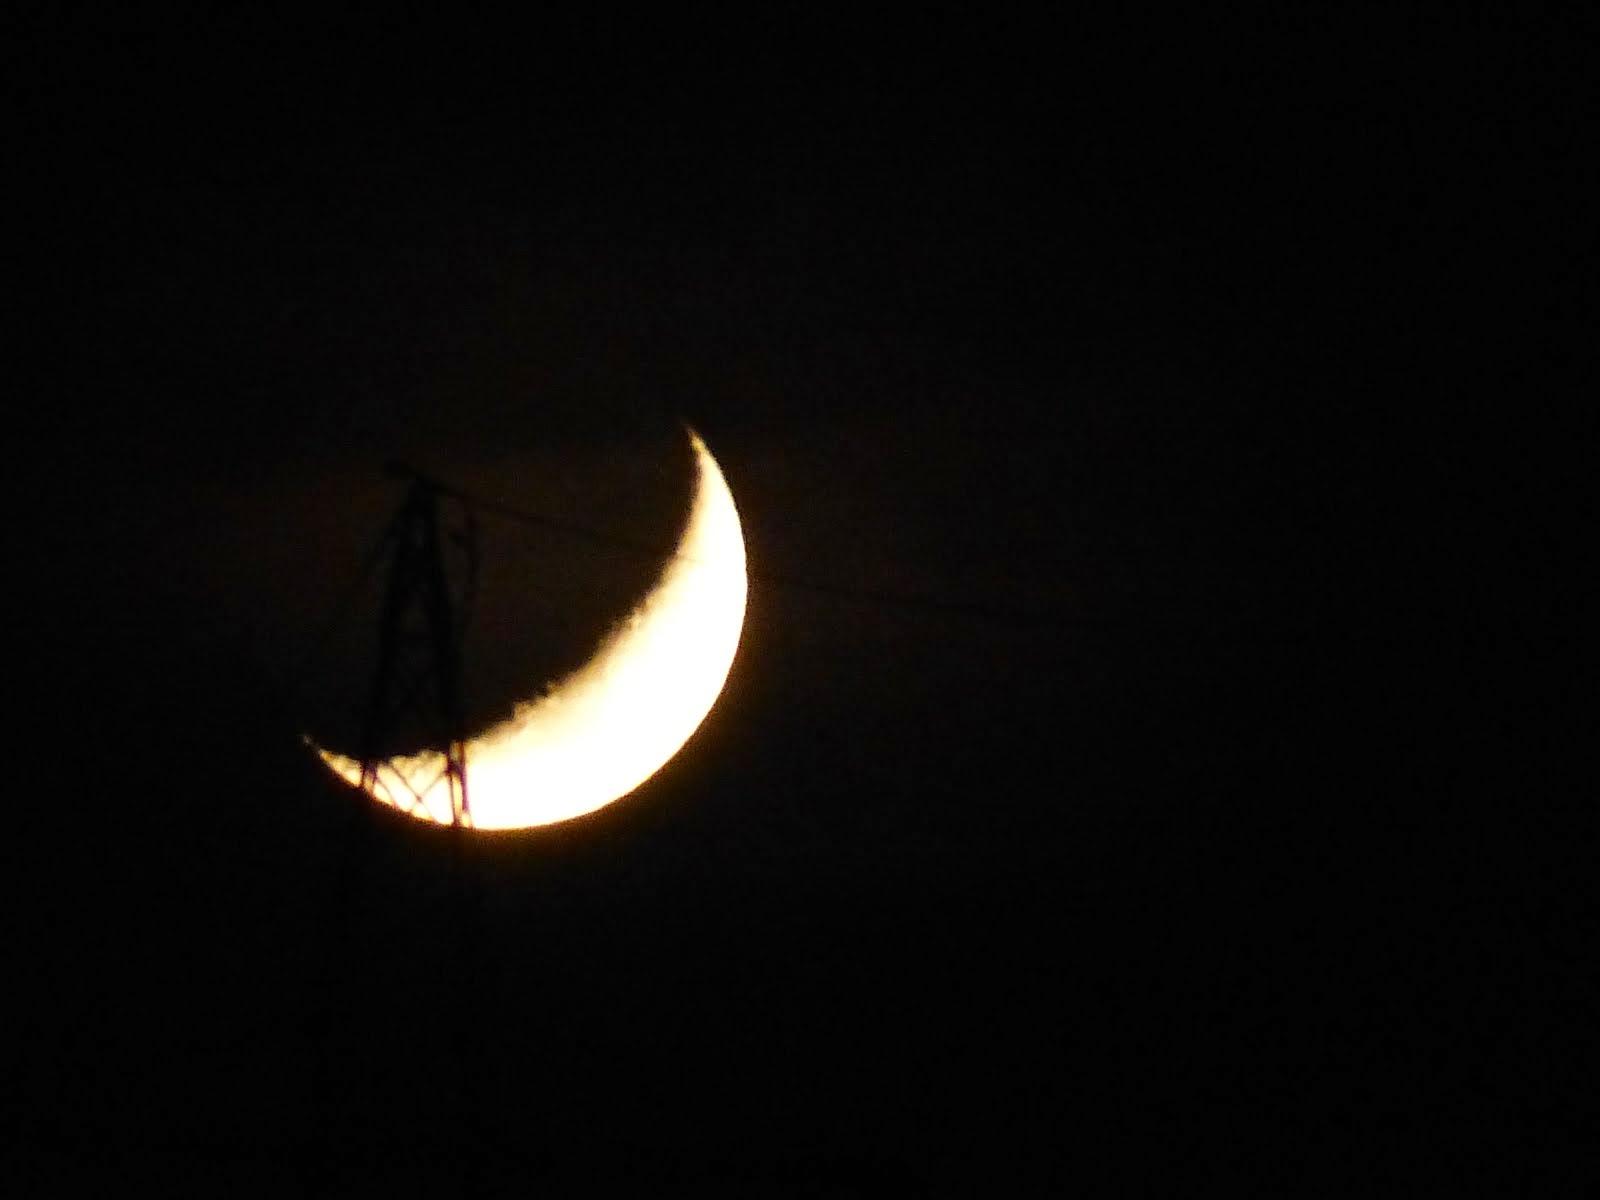 NachtNatur